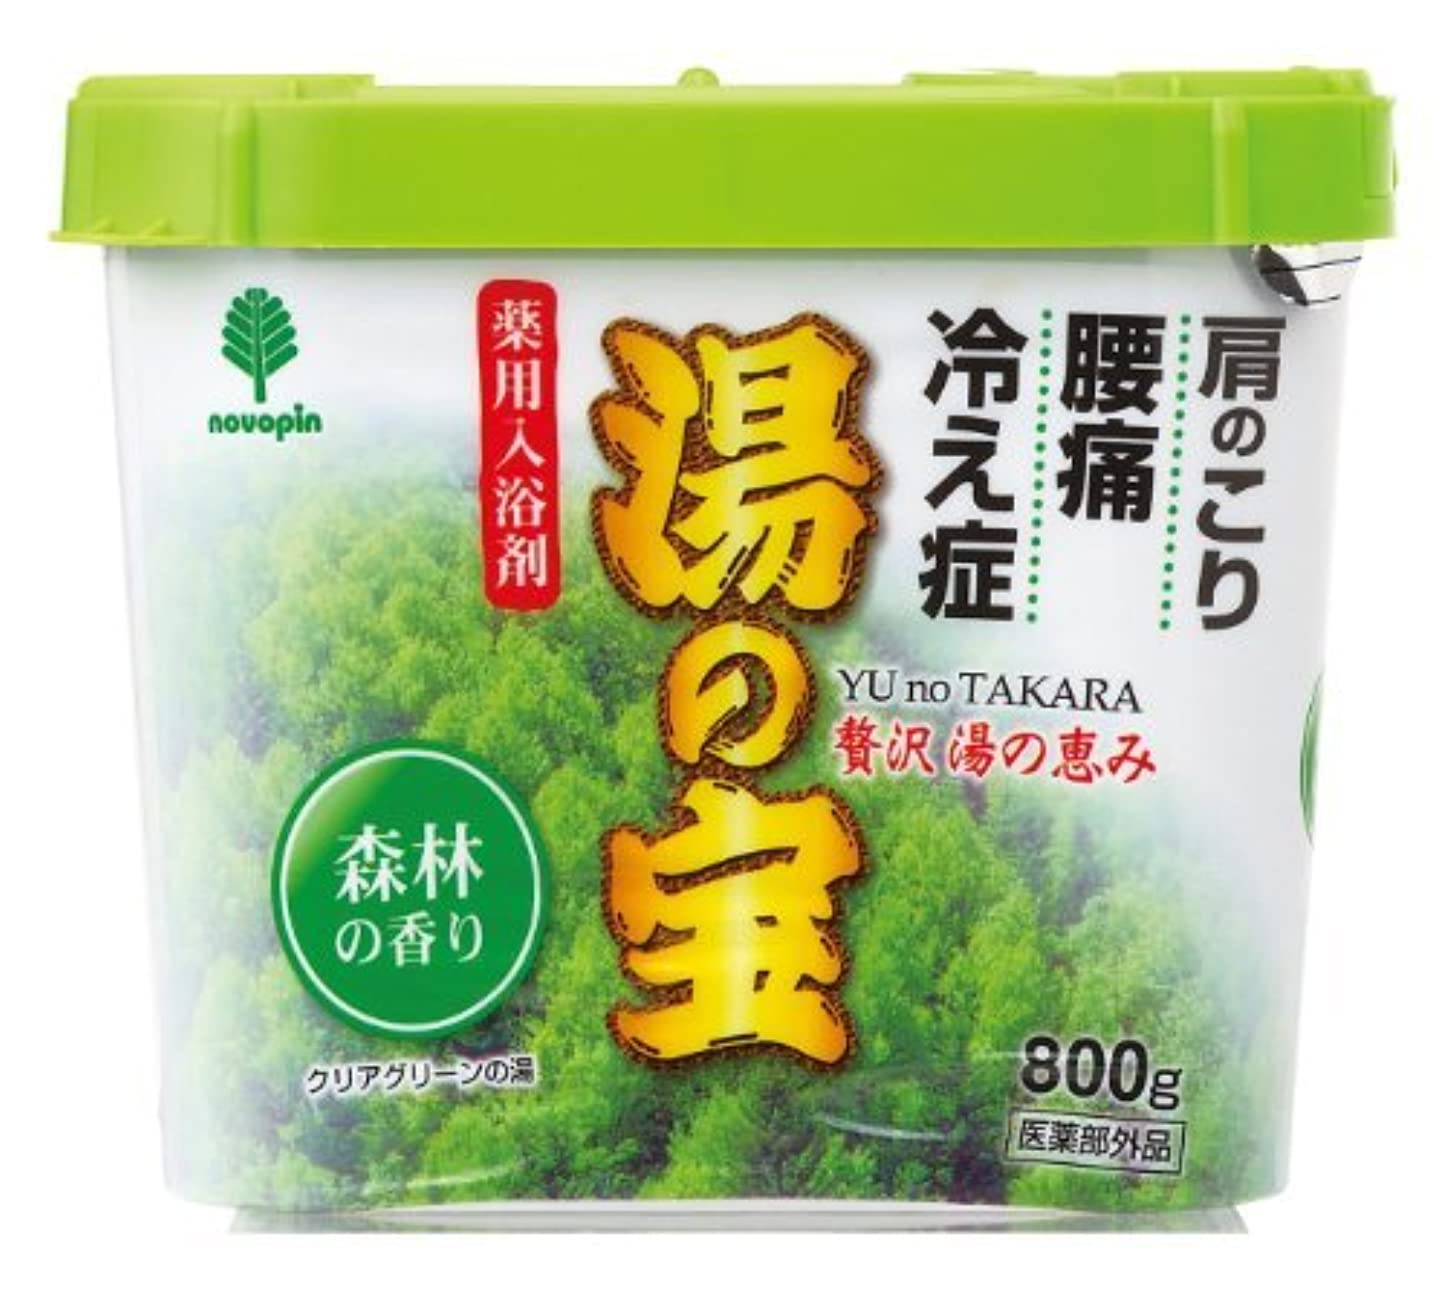 パック夕方貼り直す紀陽除虫菊 湯の宝 森林の香り 800g【まとめ買い16個セット】 N-0055